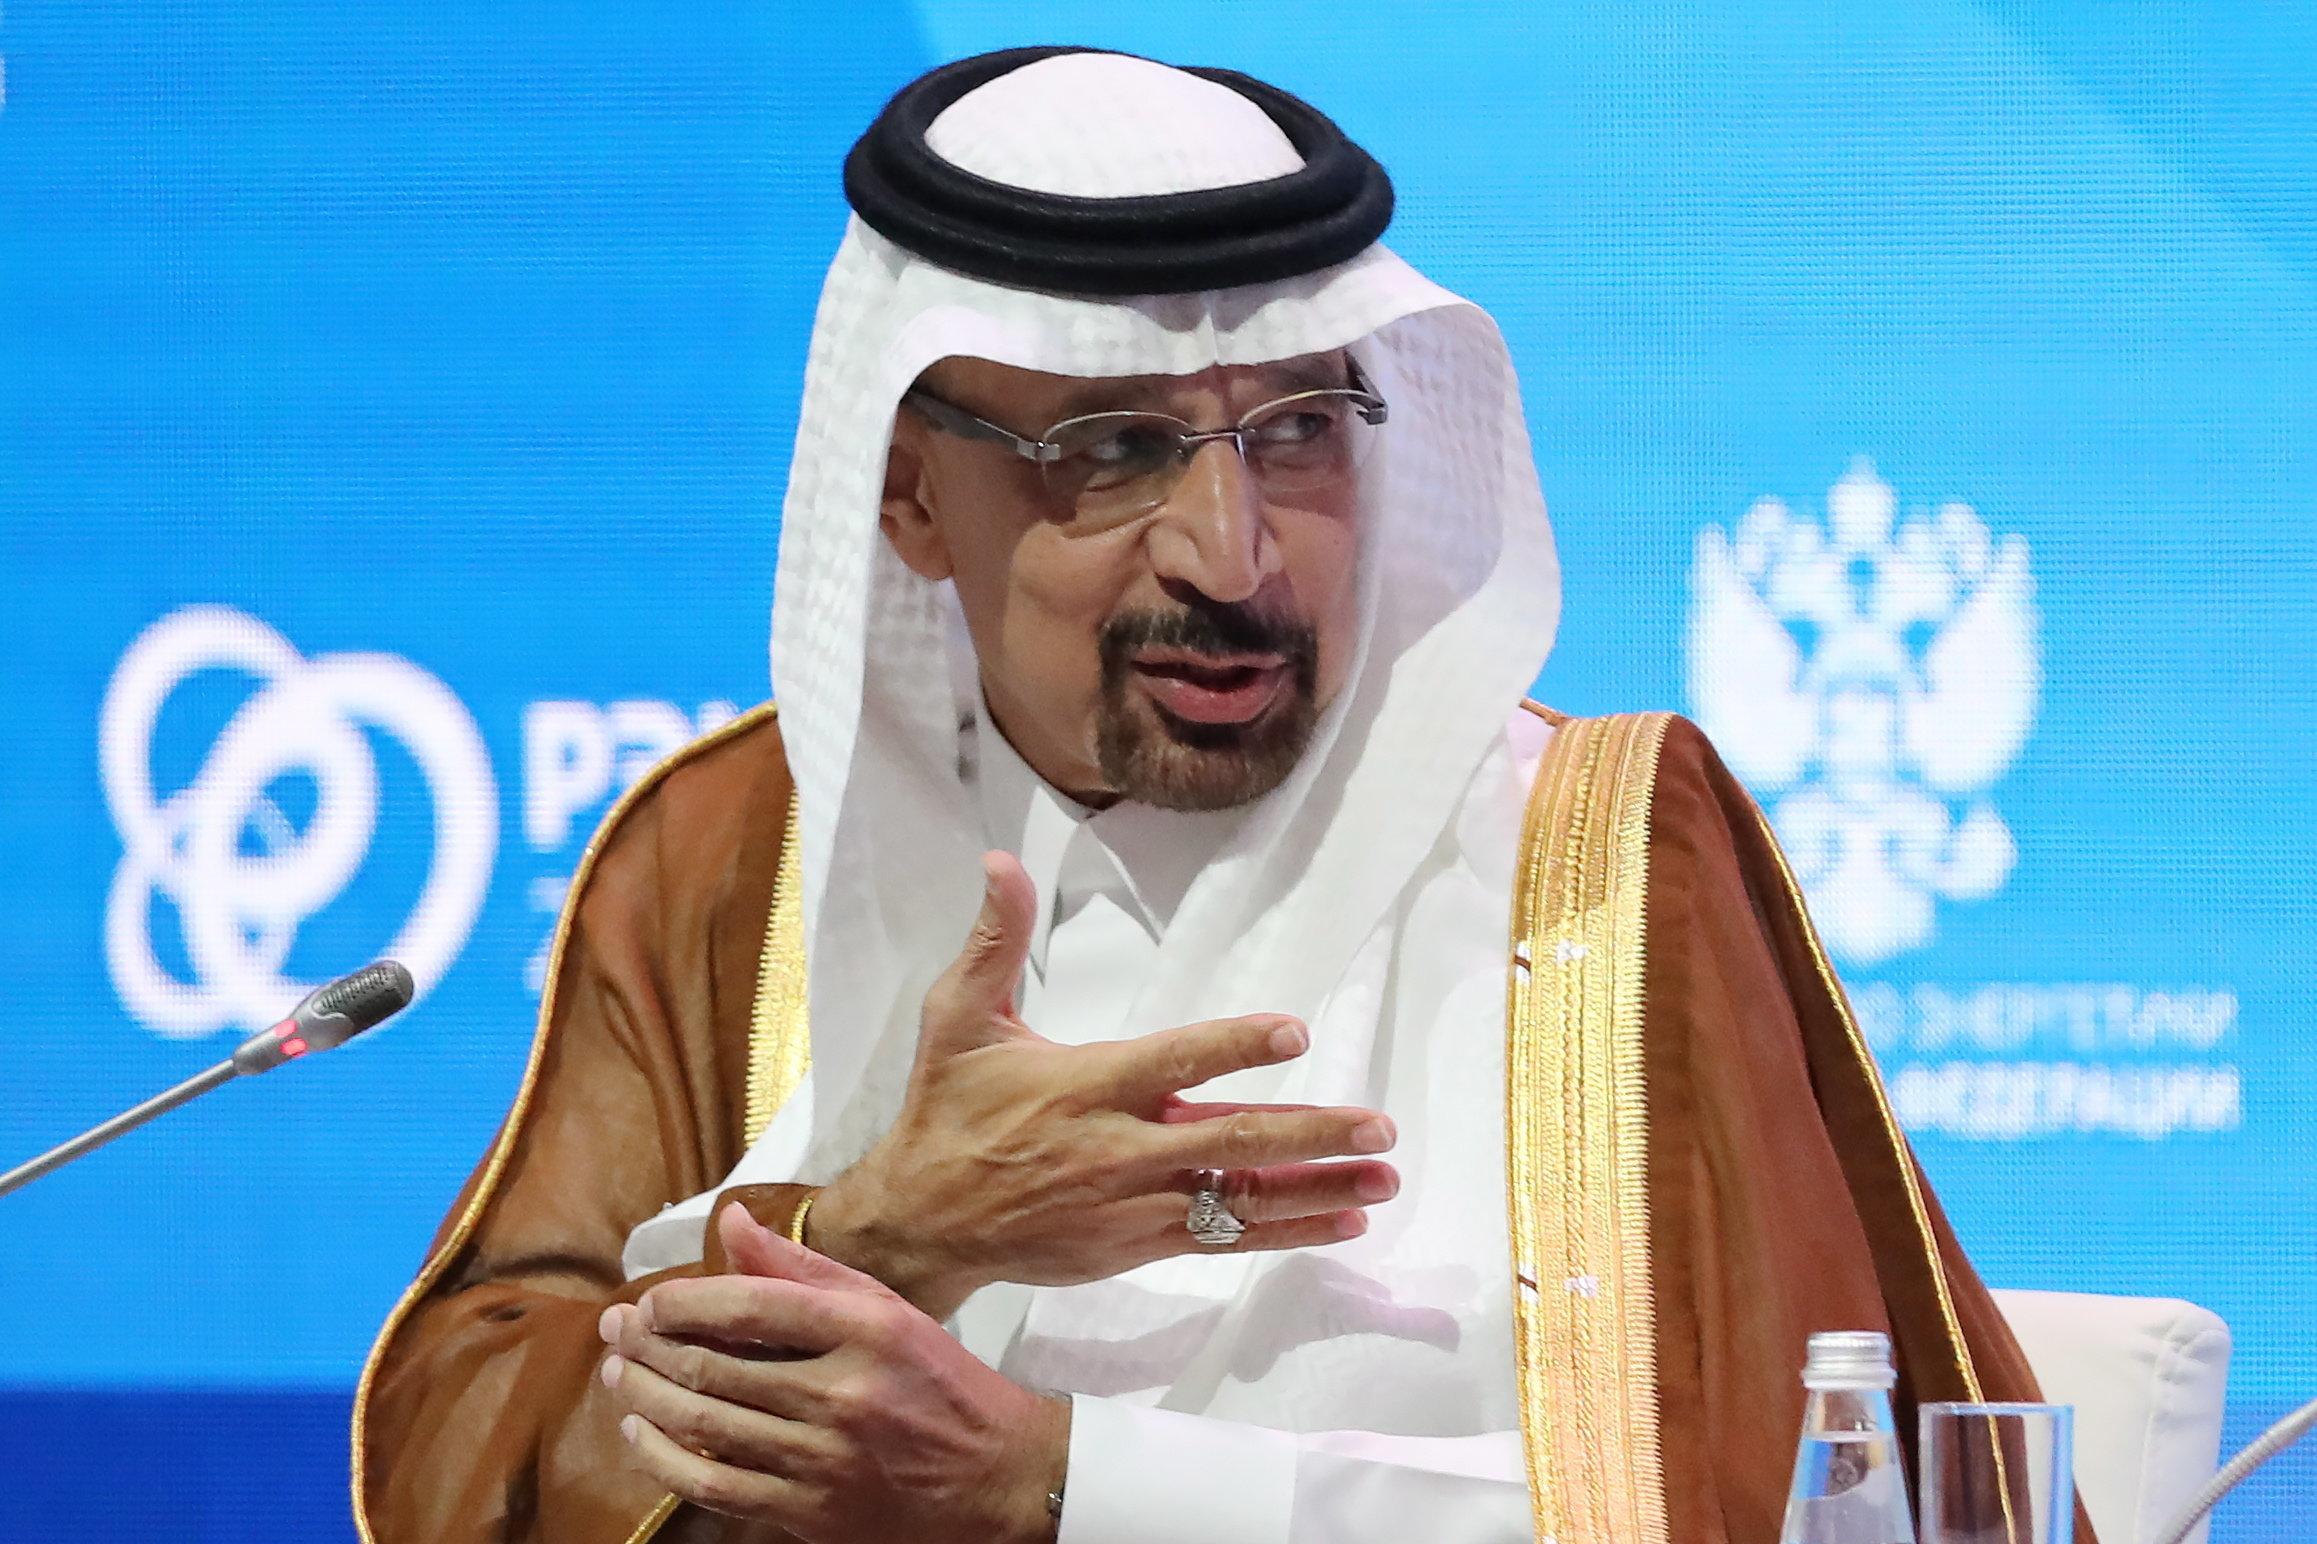 사우디 에너지장관이 '석유를 무기로 쓰는 일은 없다'고